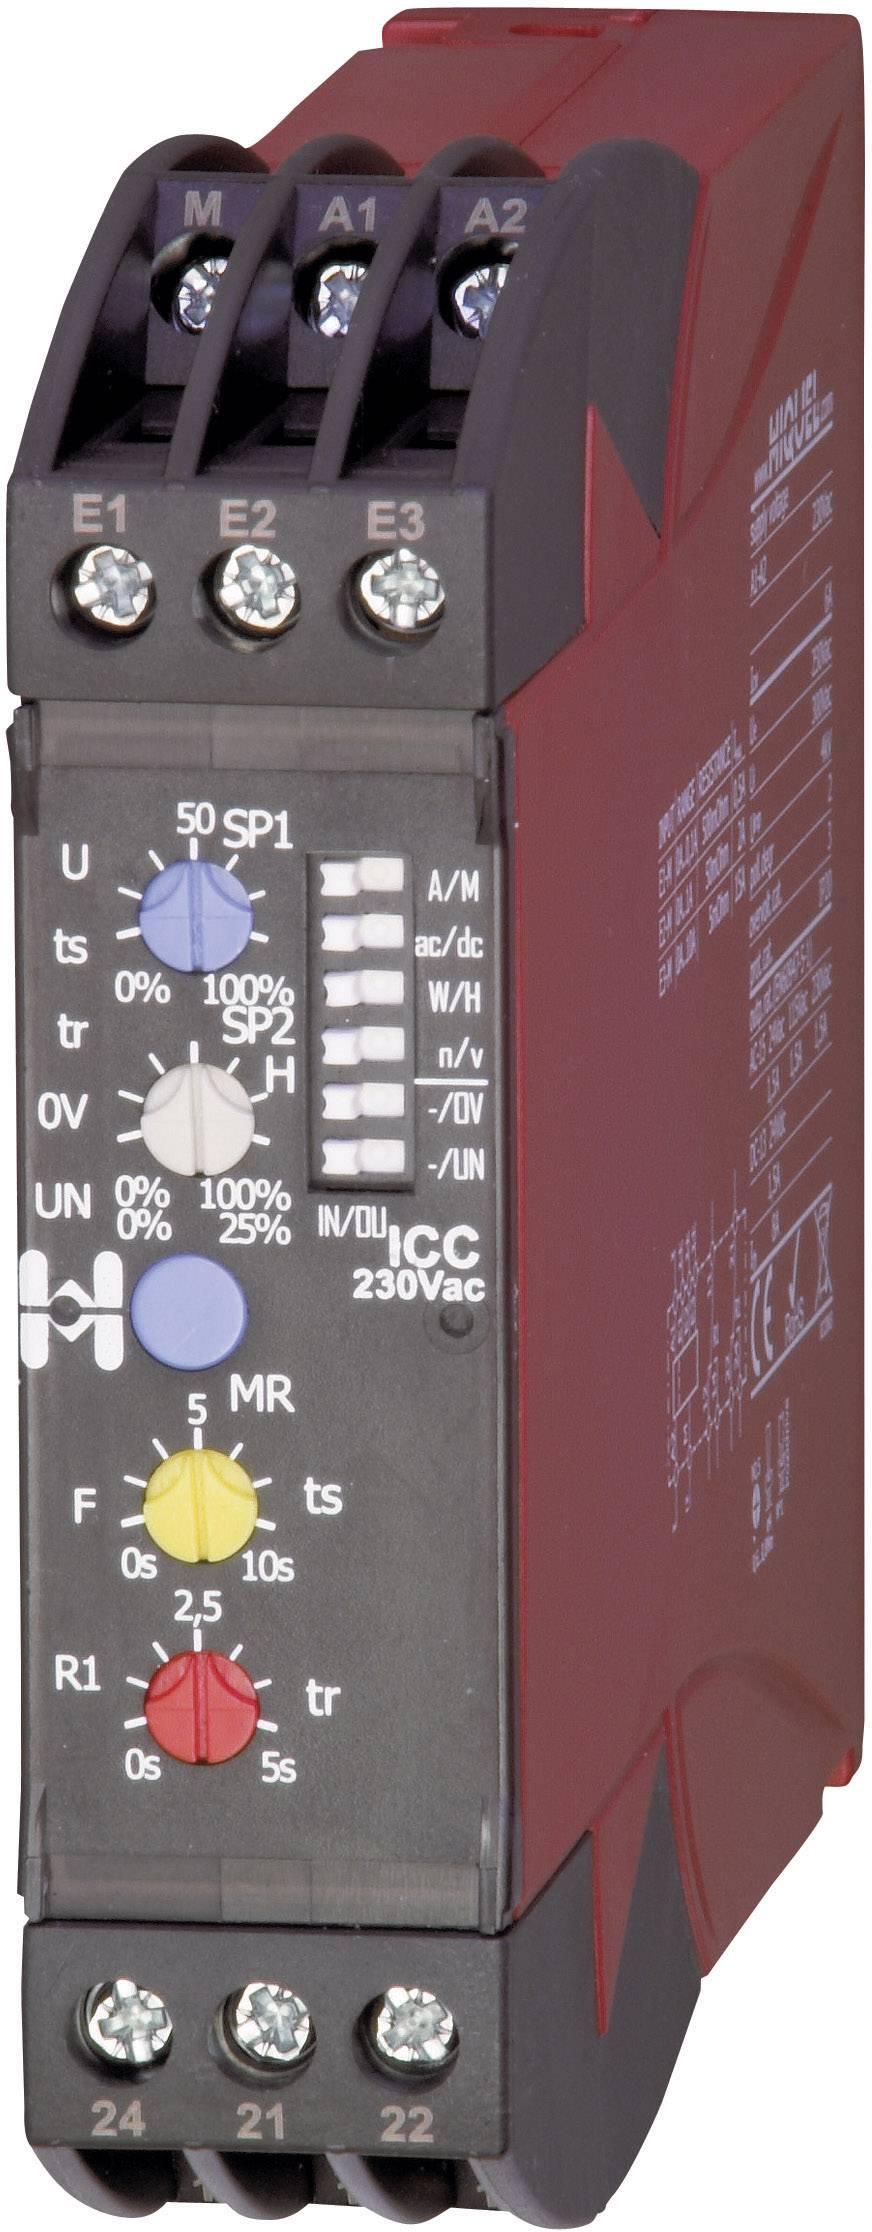 Kontrolné relé Hiquel ICC 230Vac ICC 230Vac